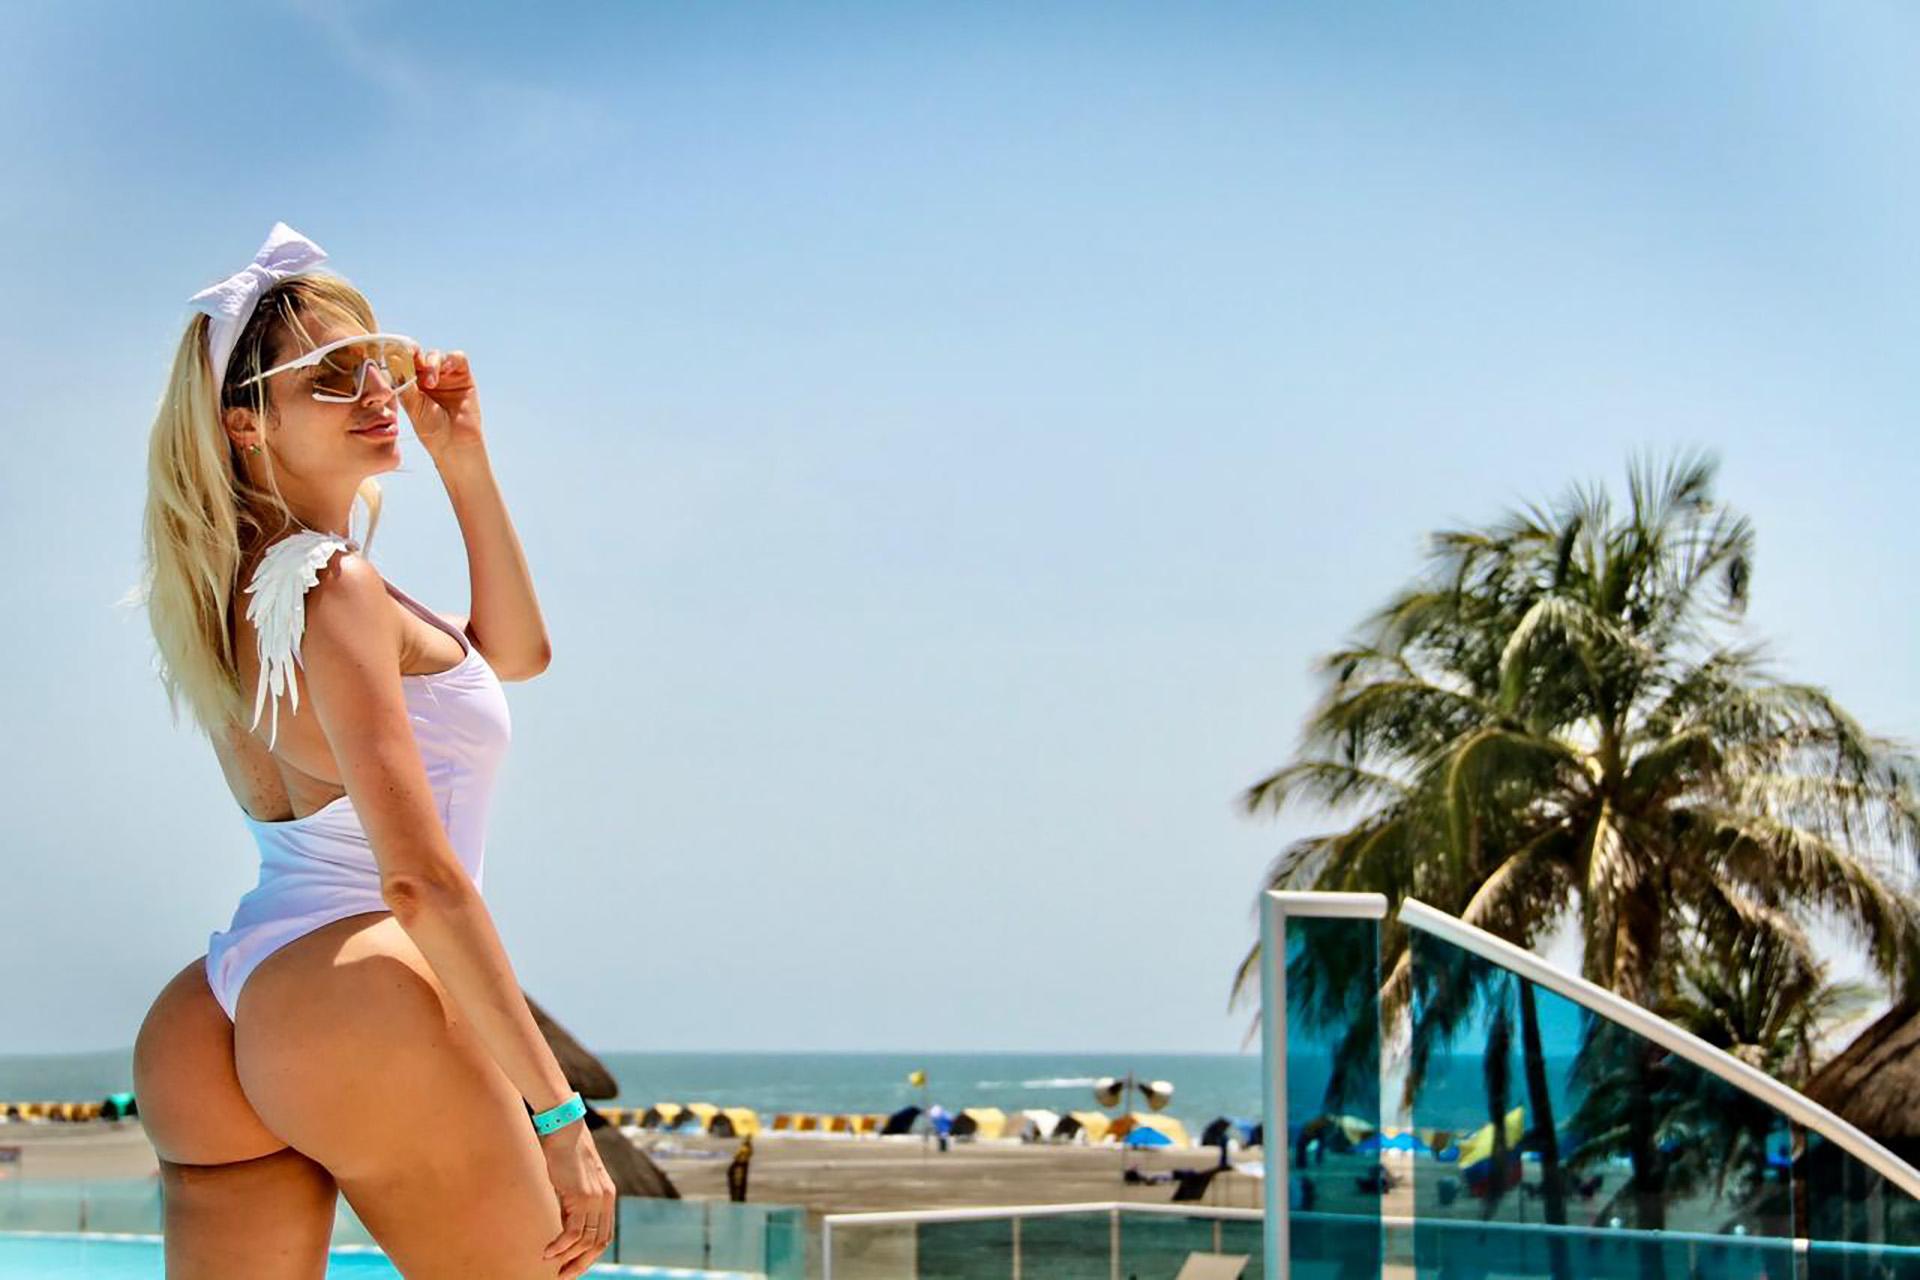 Vicky viajó sin su marido, el empresario Javier Naselli, y desplegó toda su belleza en las playas de Cartagena de Indias